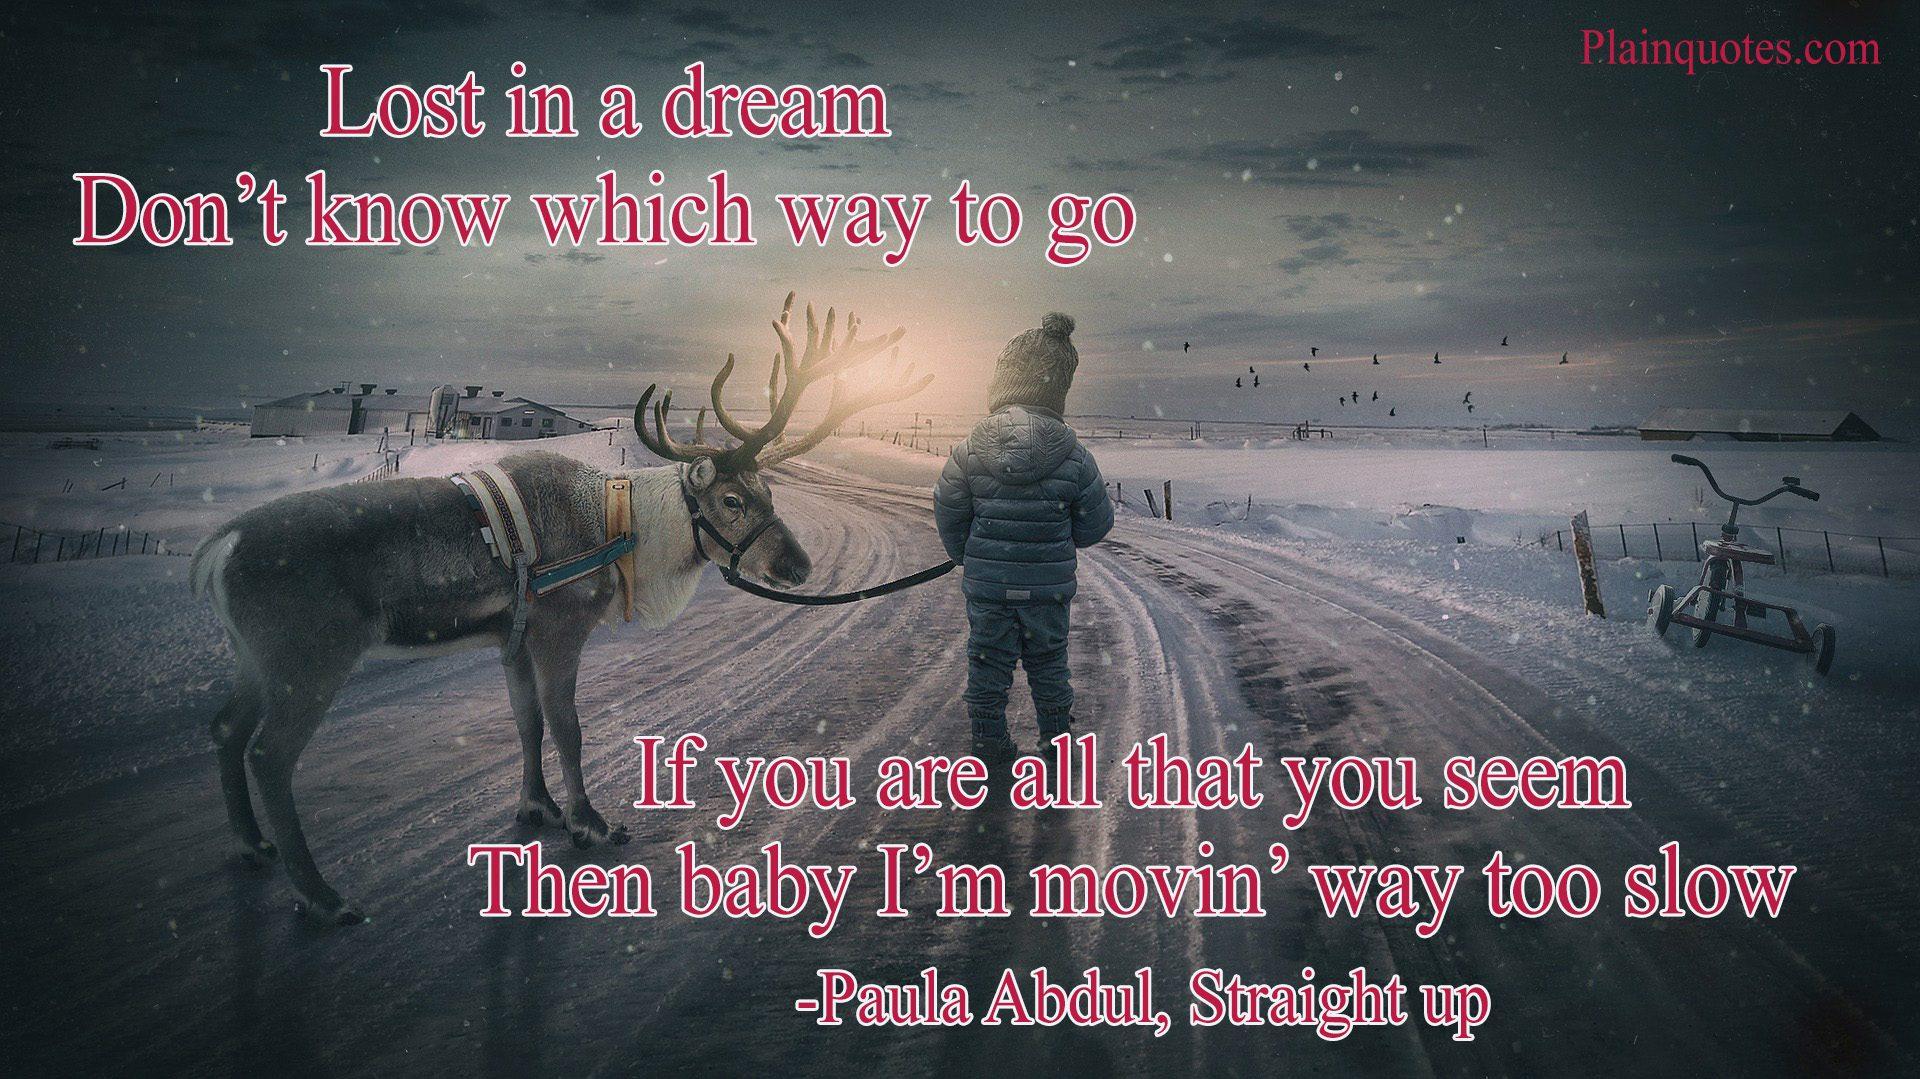 lost In A dream image